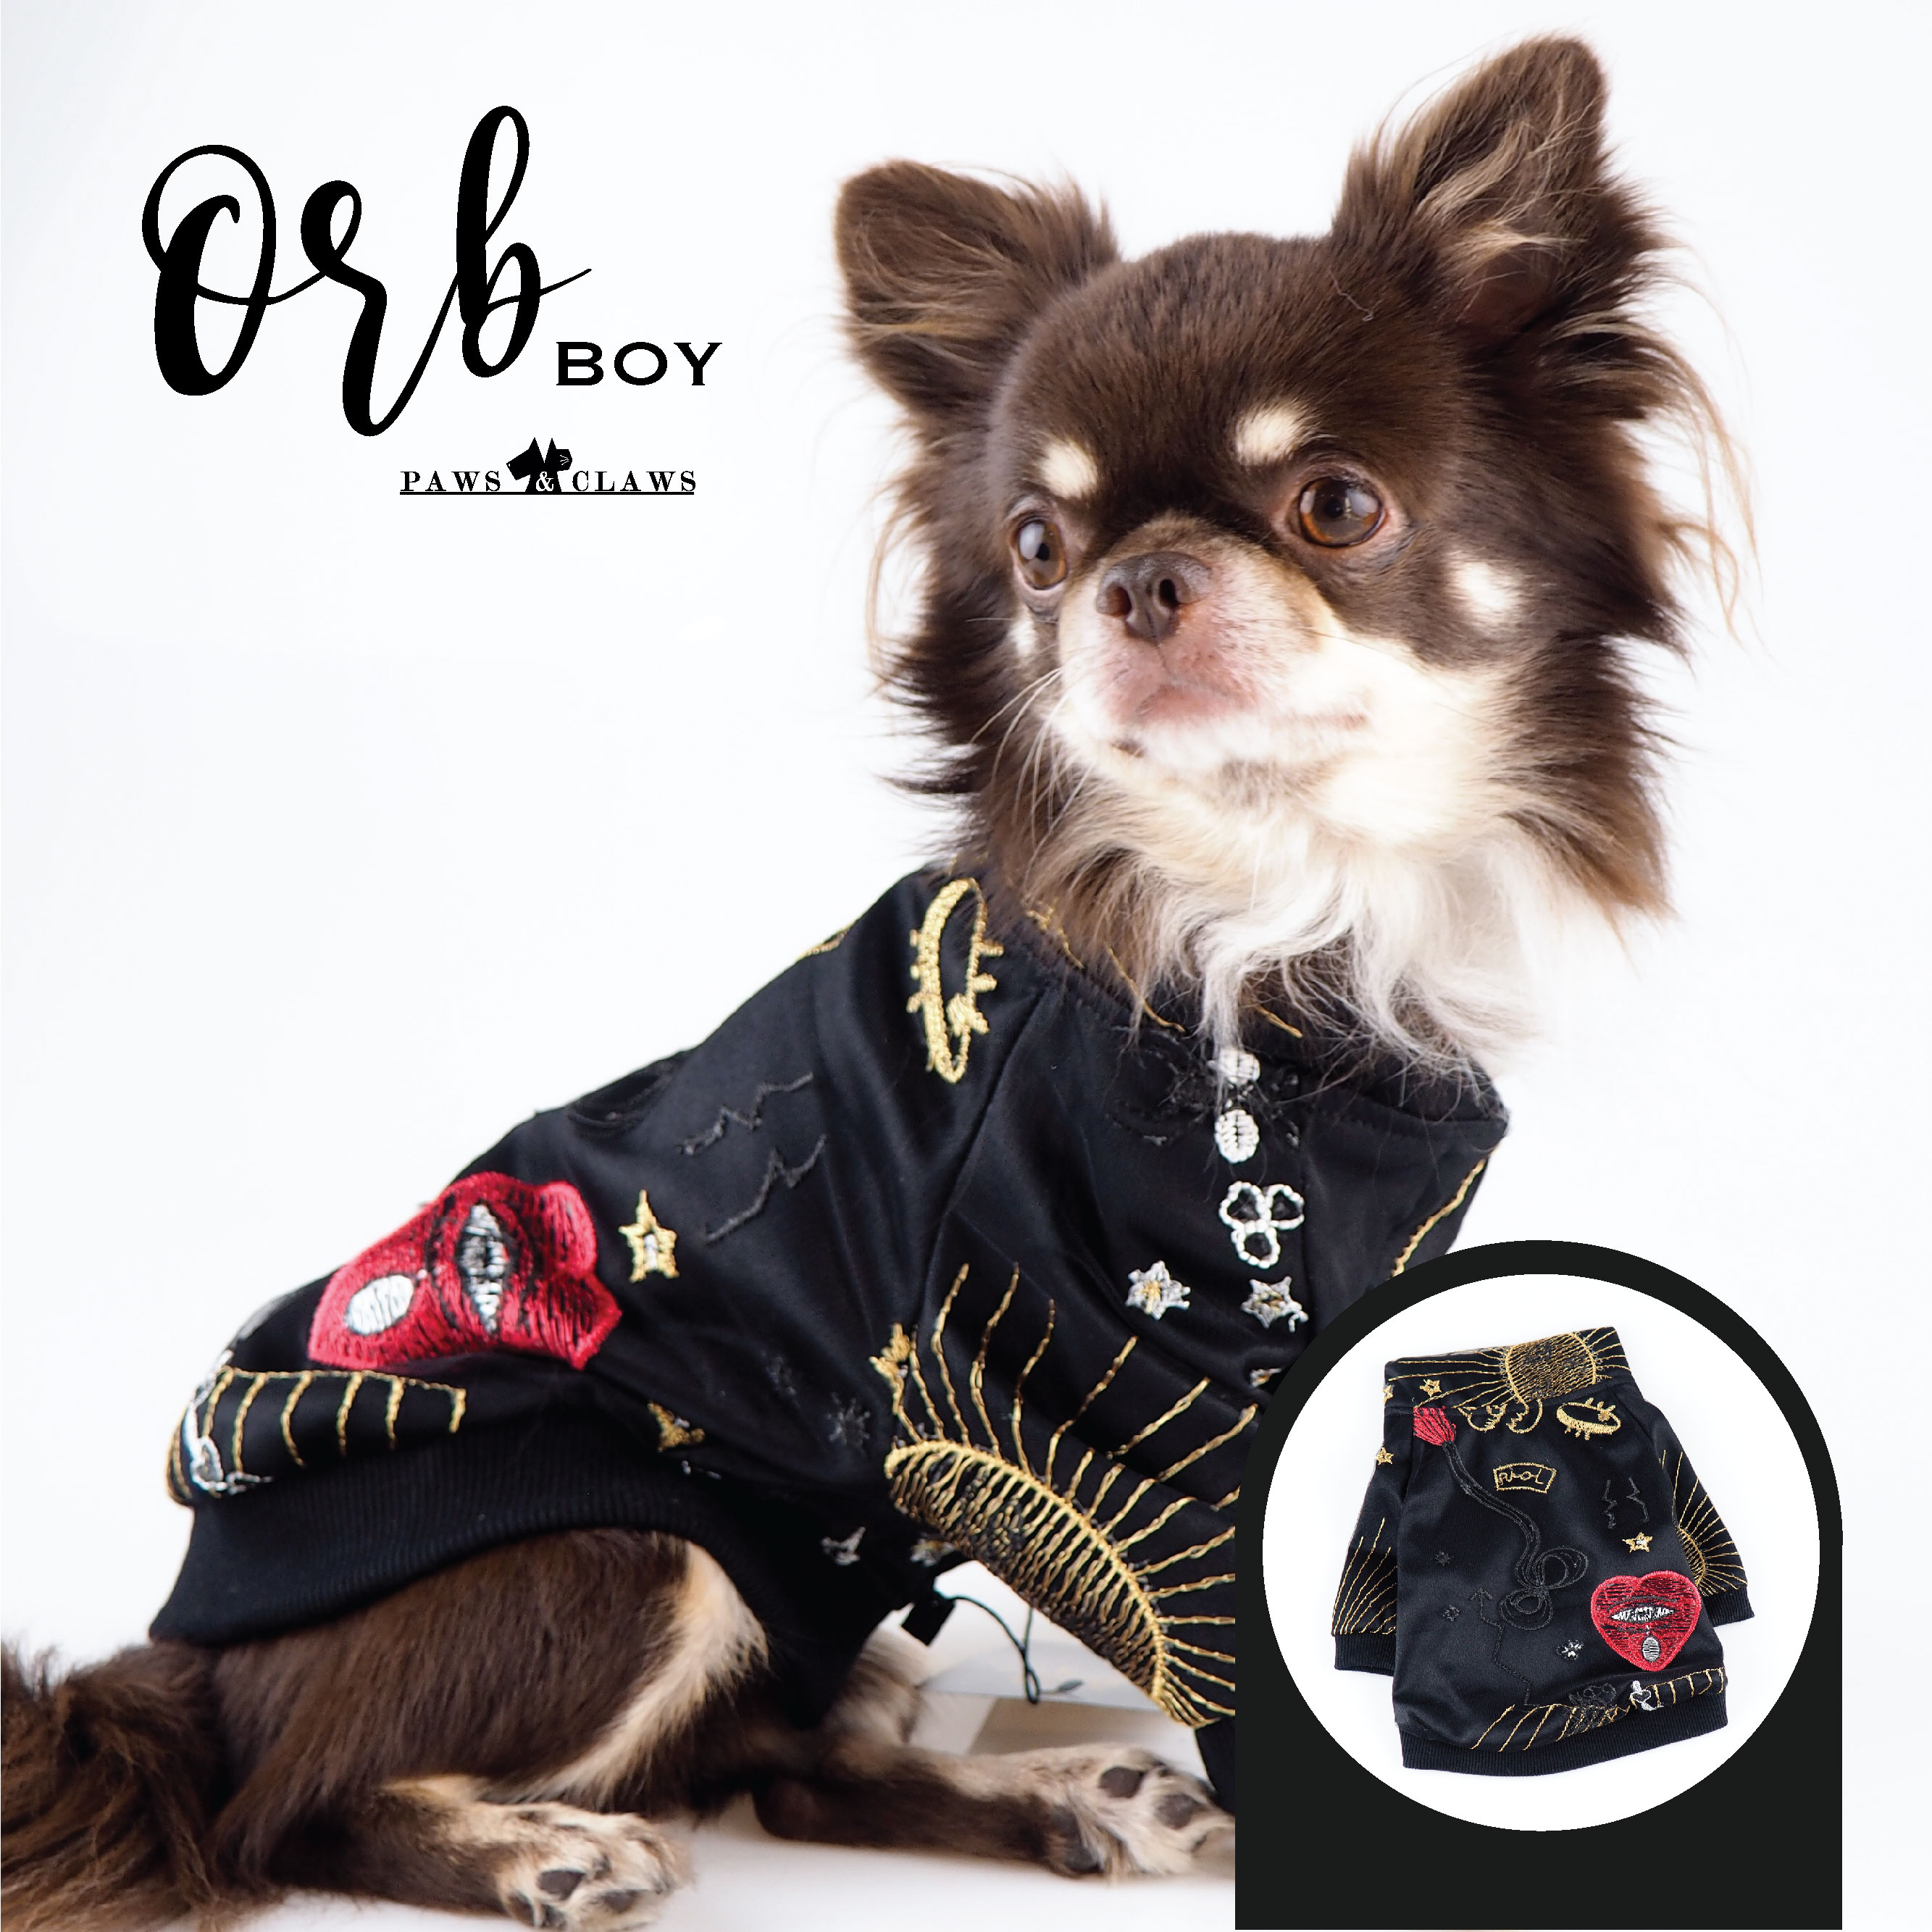 Orb boy